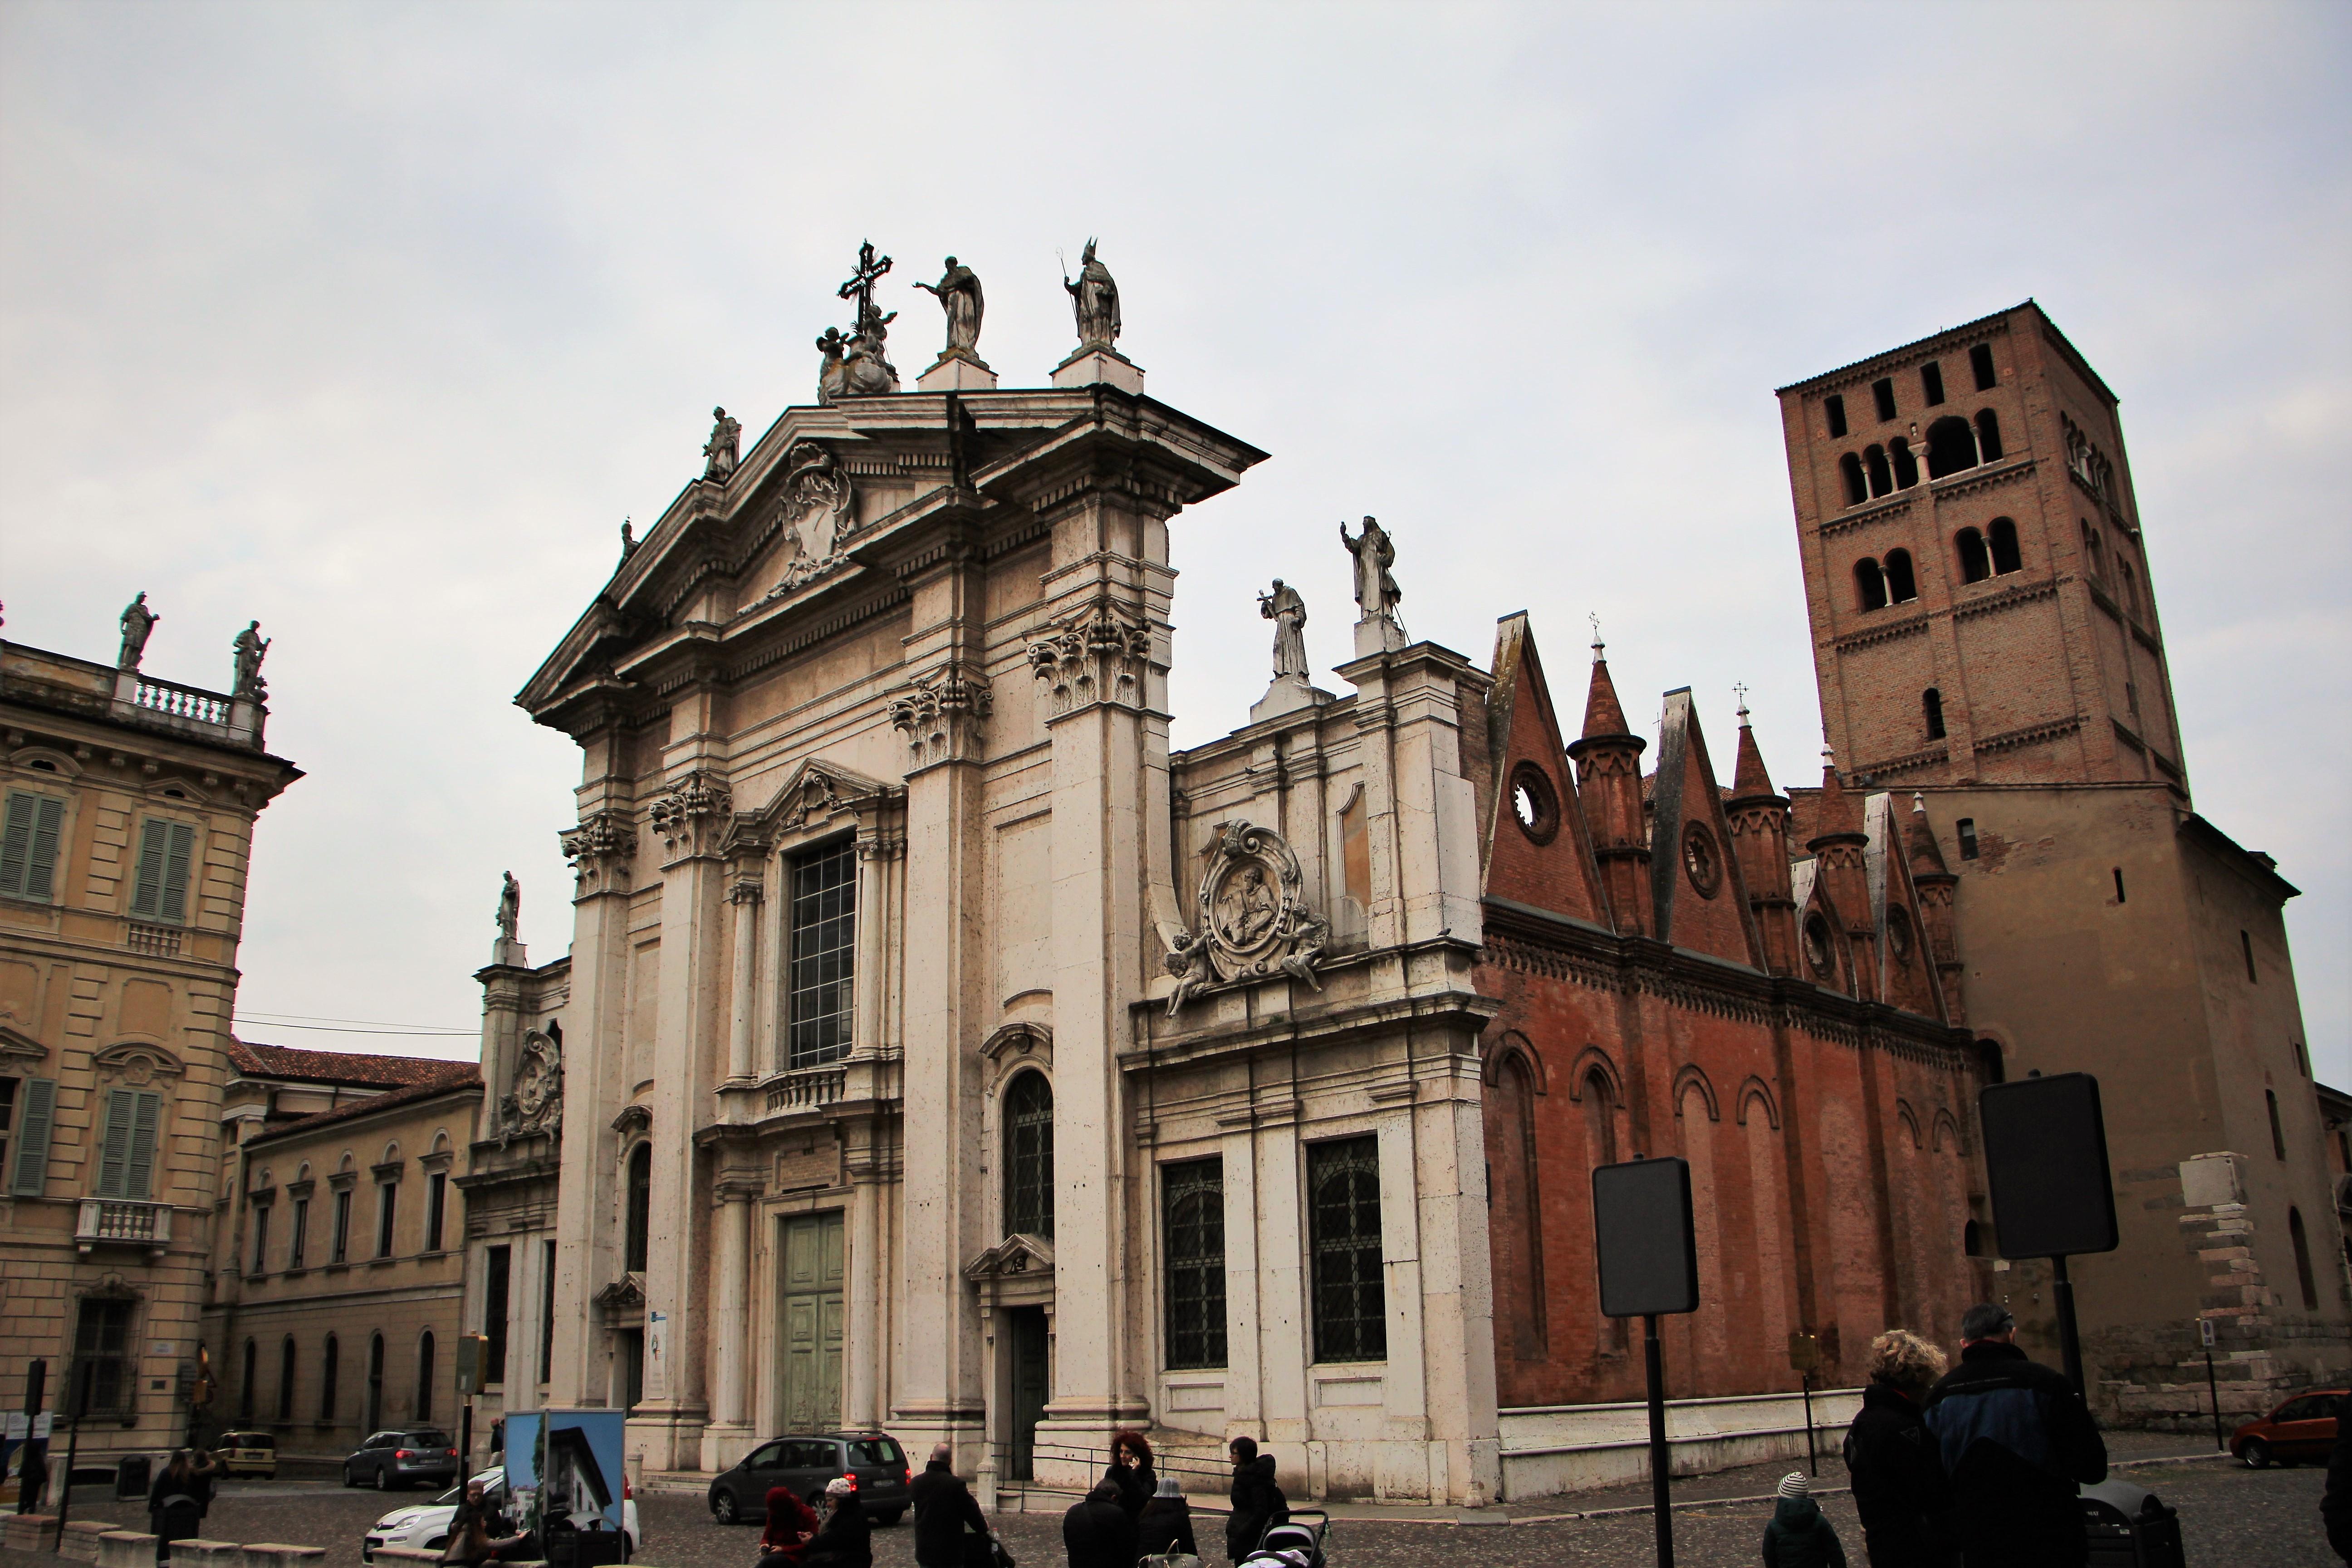 Cittadinanza italiana: il ritorno alle origini